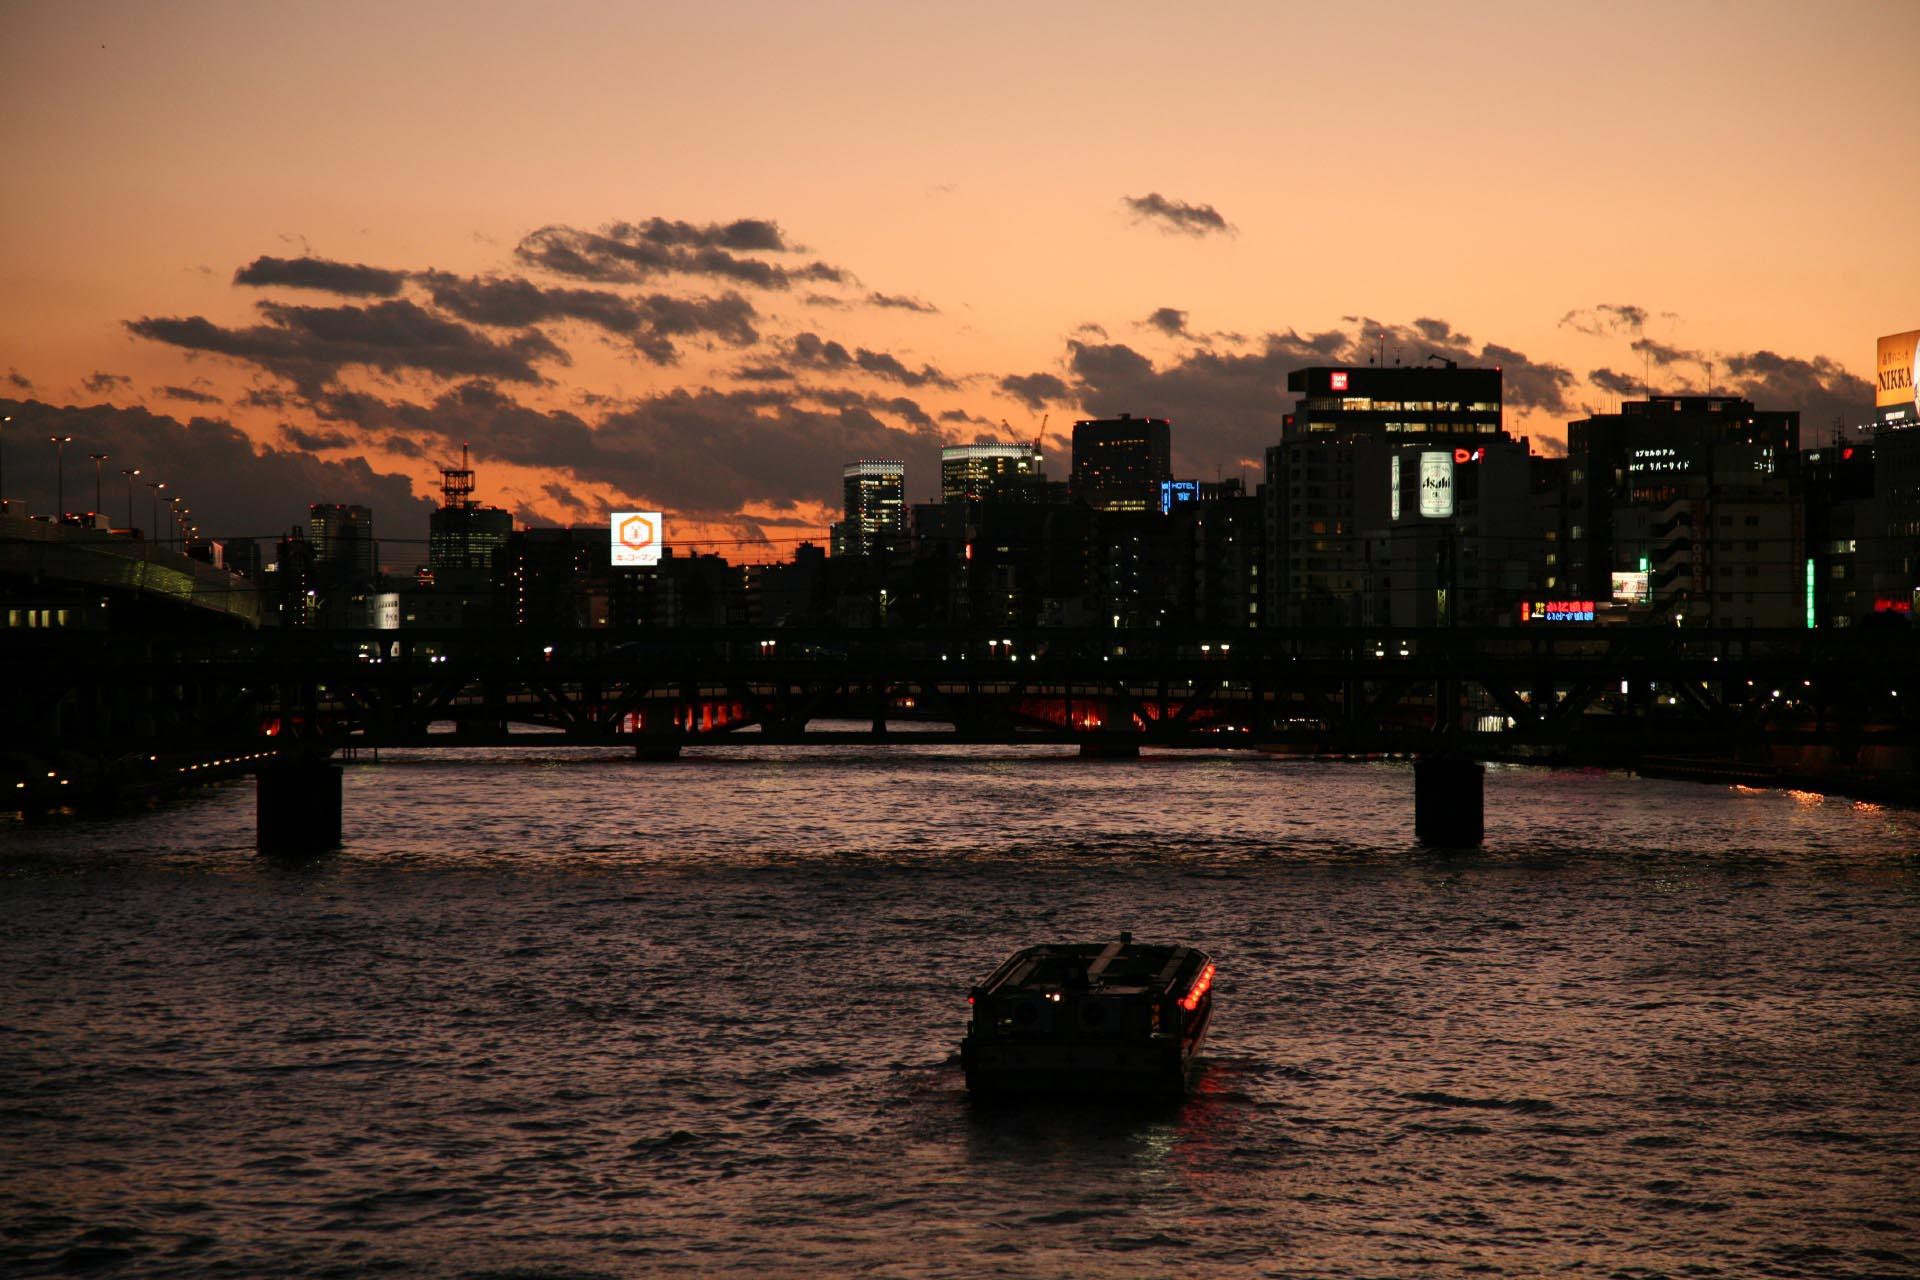 浅草 冬の夕暮れの隅田川 東京の風景